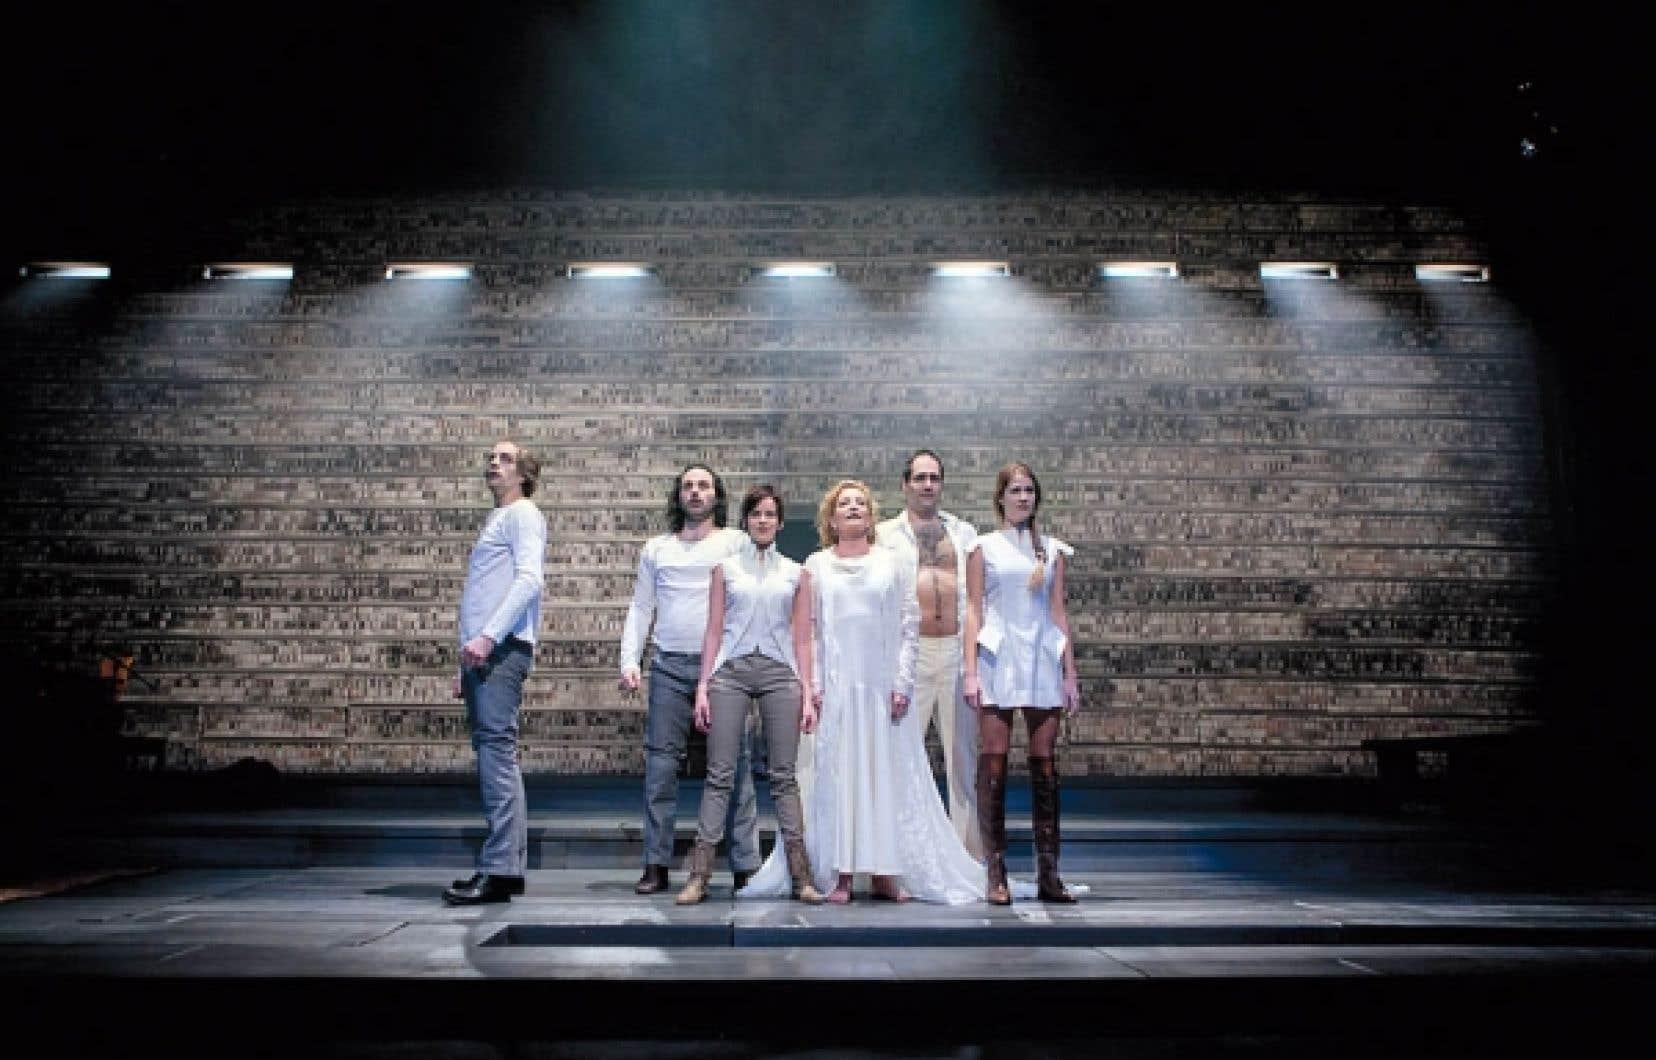 Lorraine Pintal signe la mise en scène, Jocaste reine, pièce présentée en première nord-américaine à la Bordée.